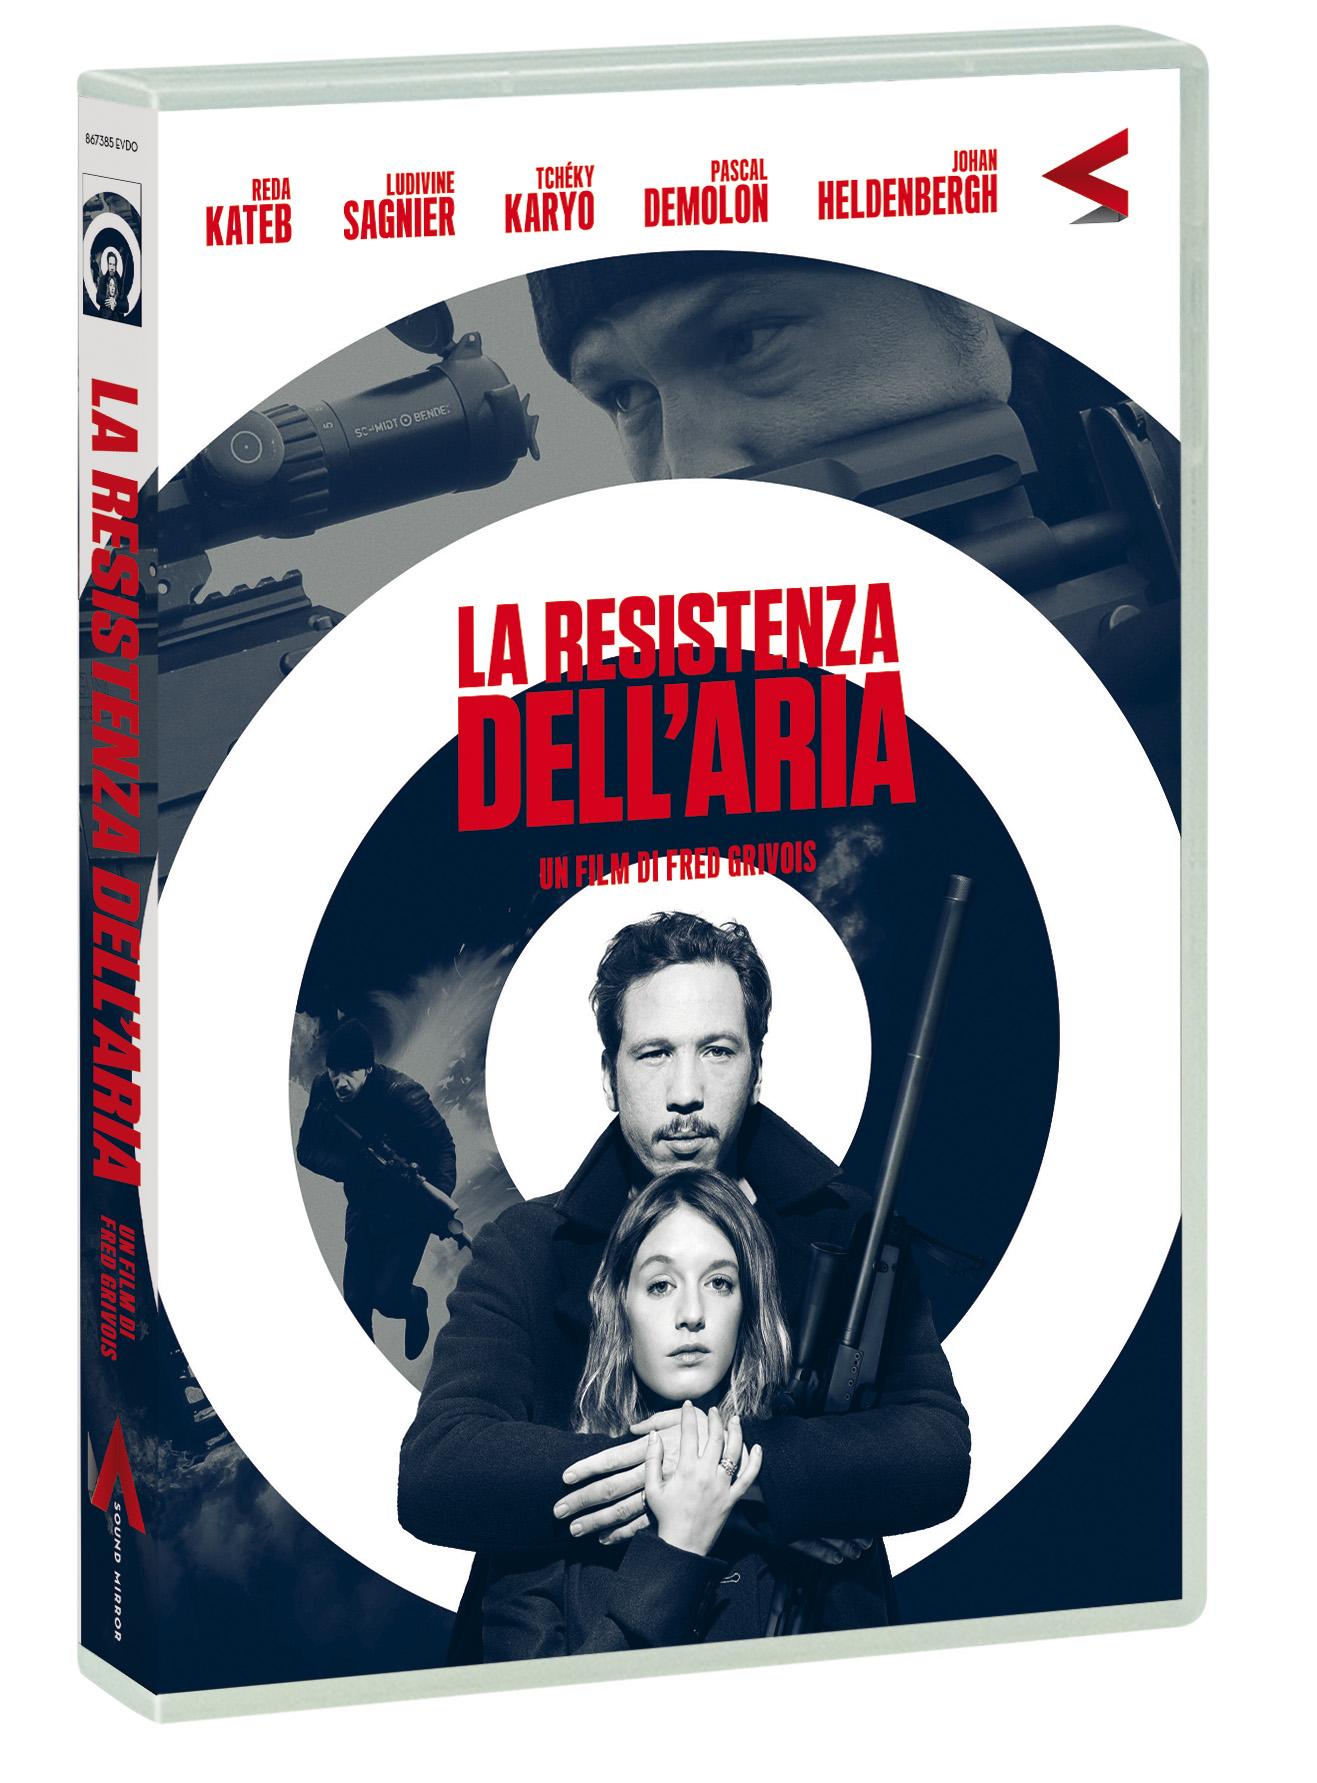 LA RESISTENZA DELL'ARIA (DVD)